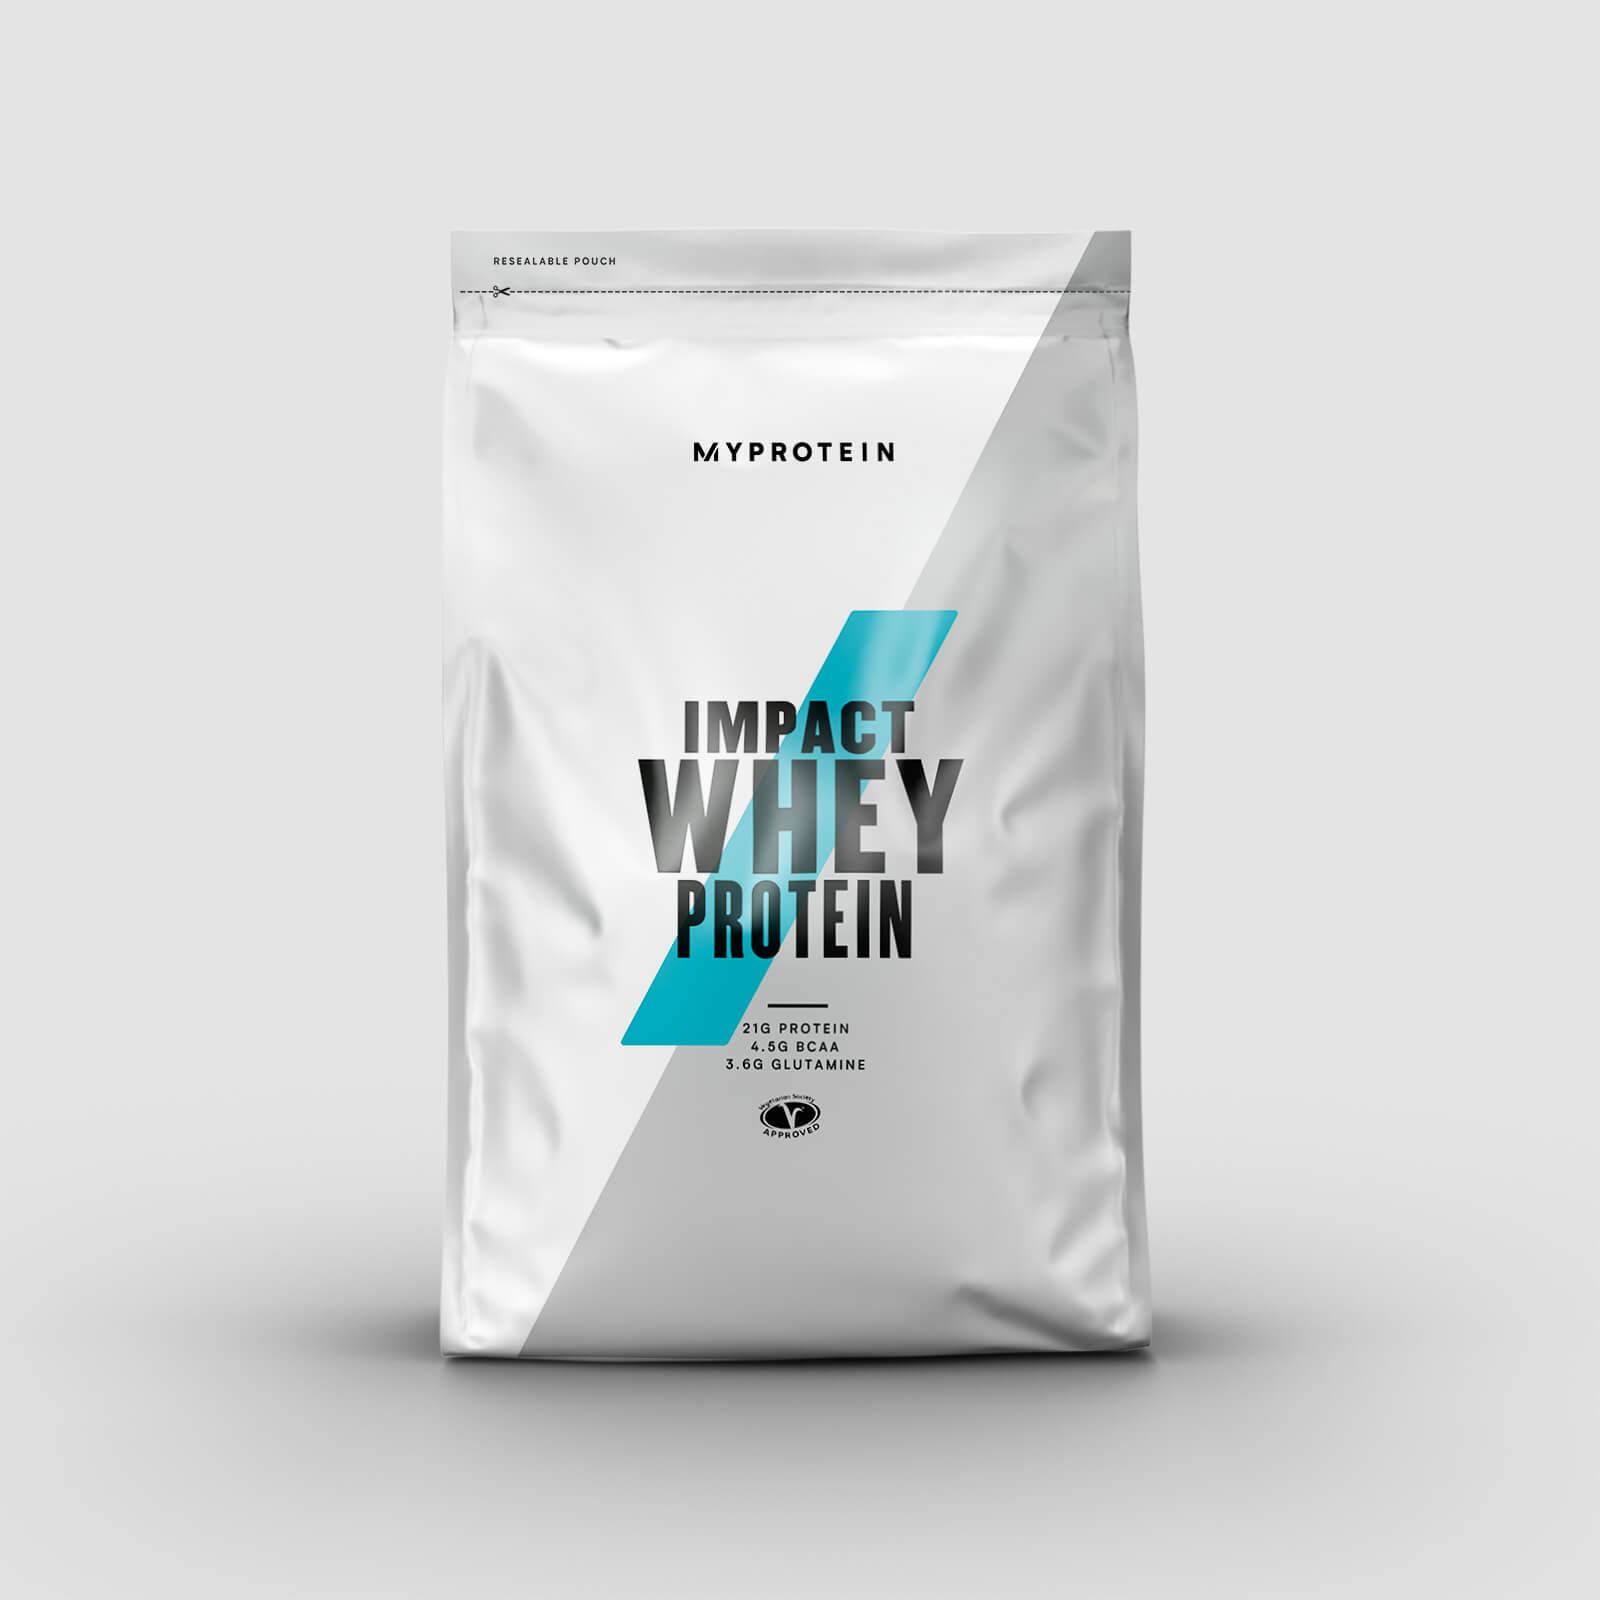 Myprotein Impact Whey Protein - 2.5kg - Chocolat-Orange